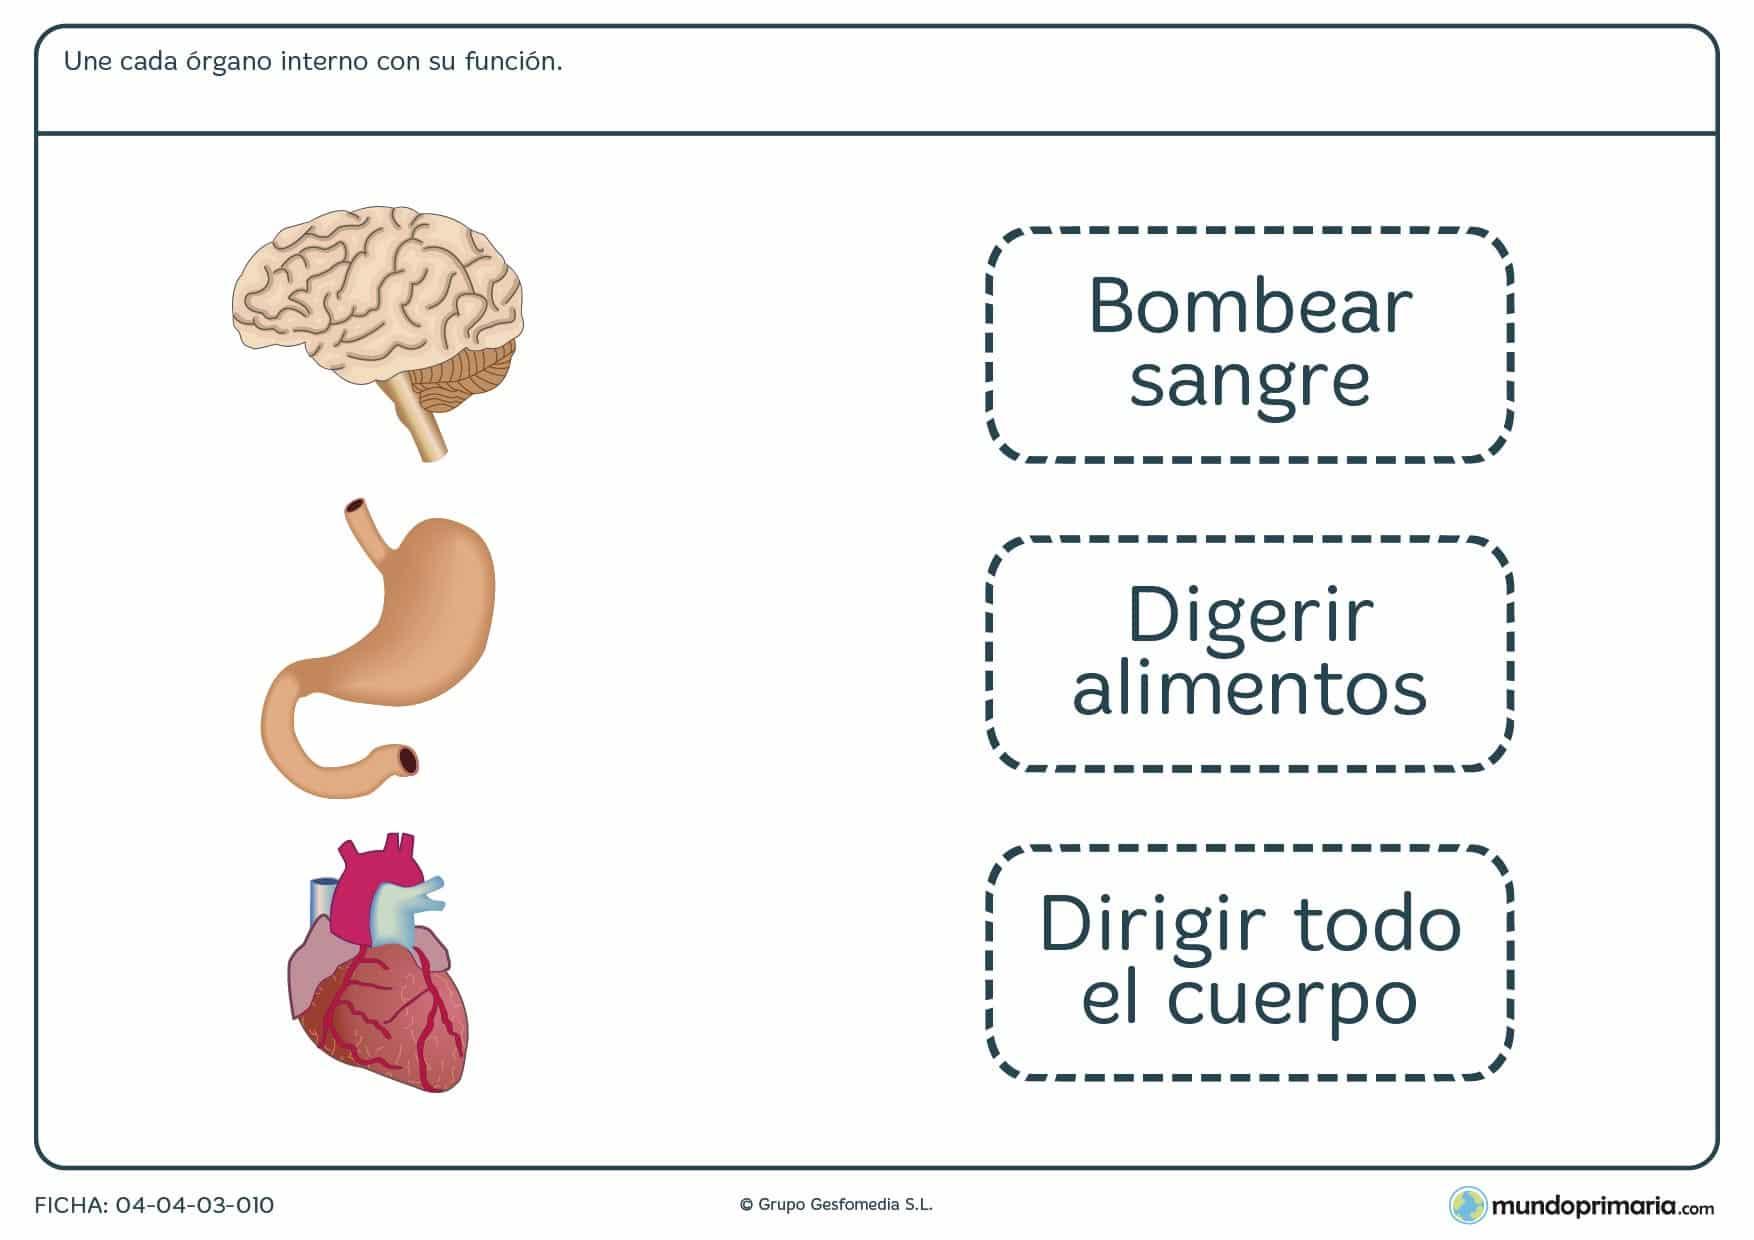 Ficha de funciones de los órganos en el que hay que unir cada órgano interno con su correspondiente función.